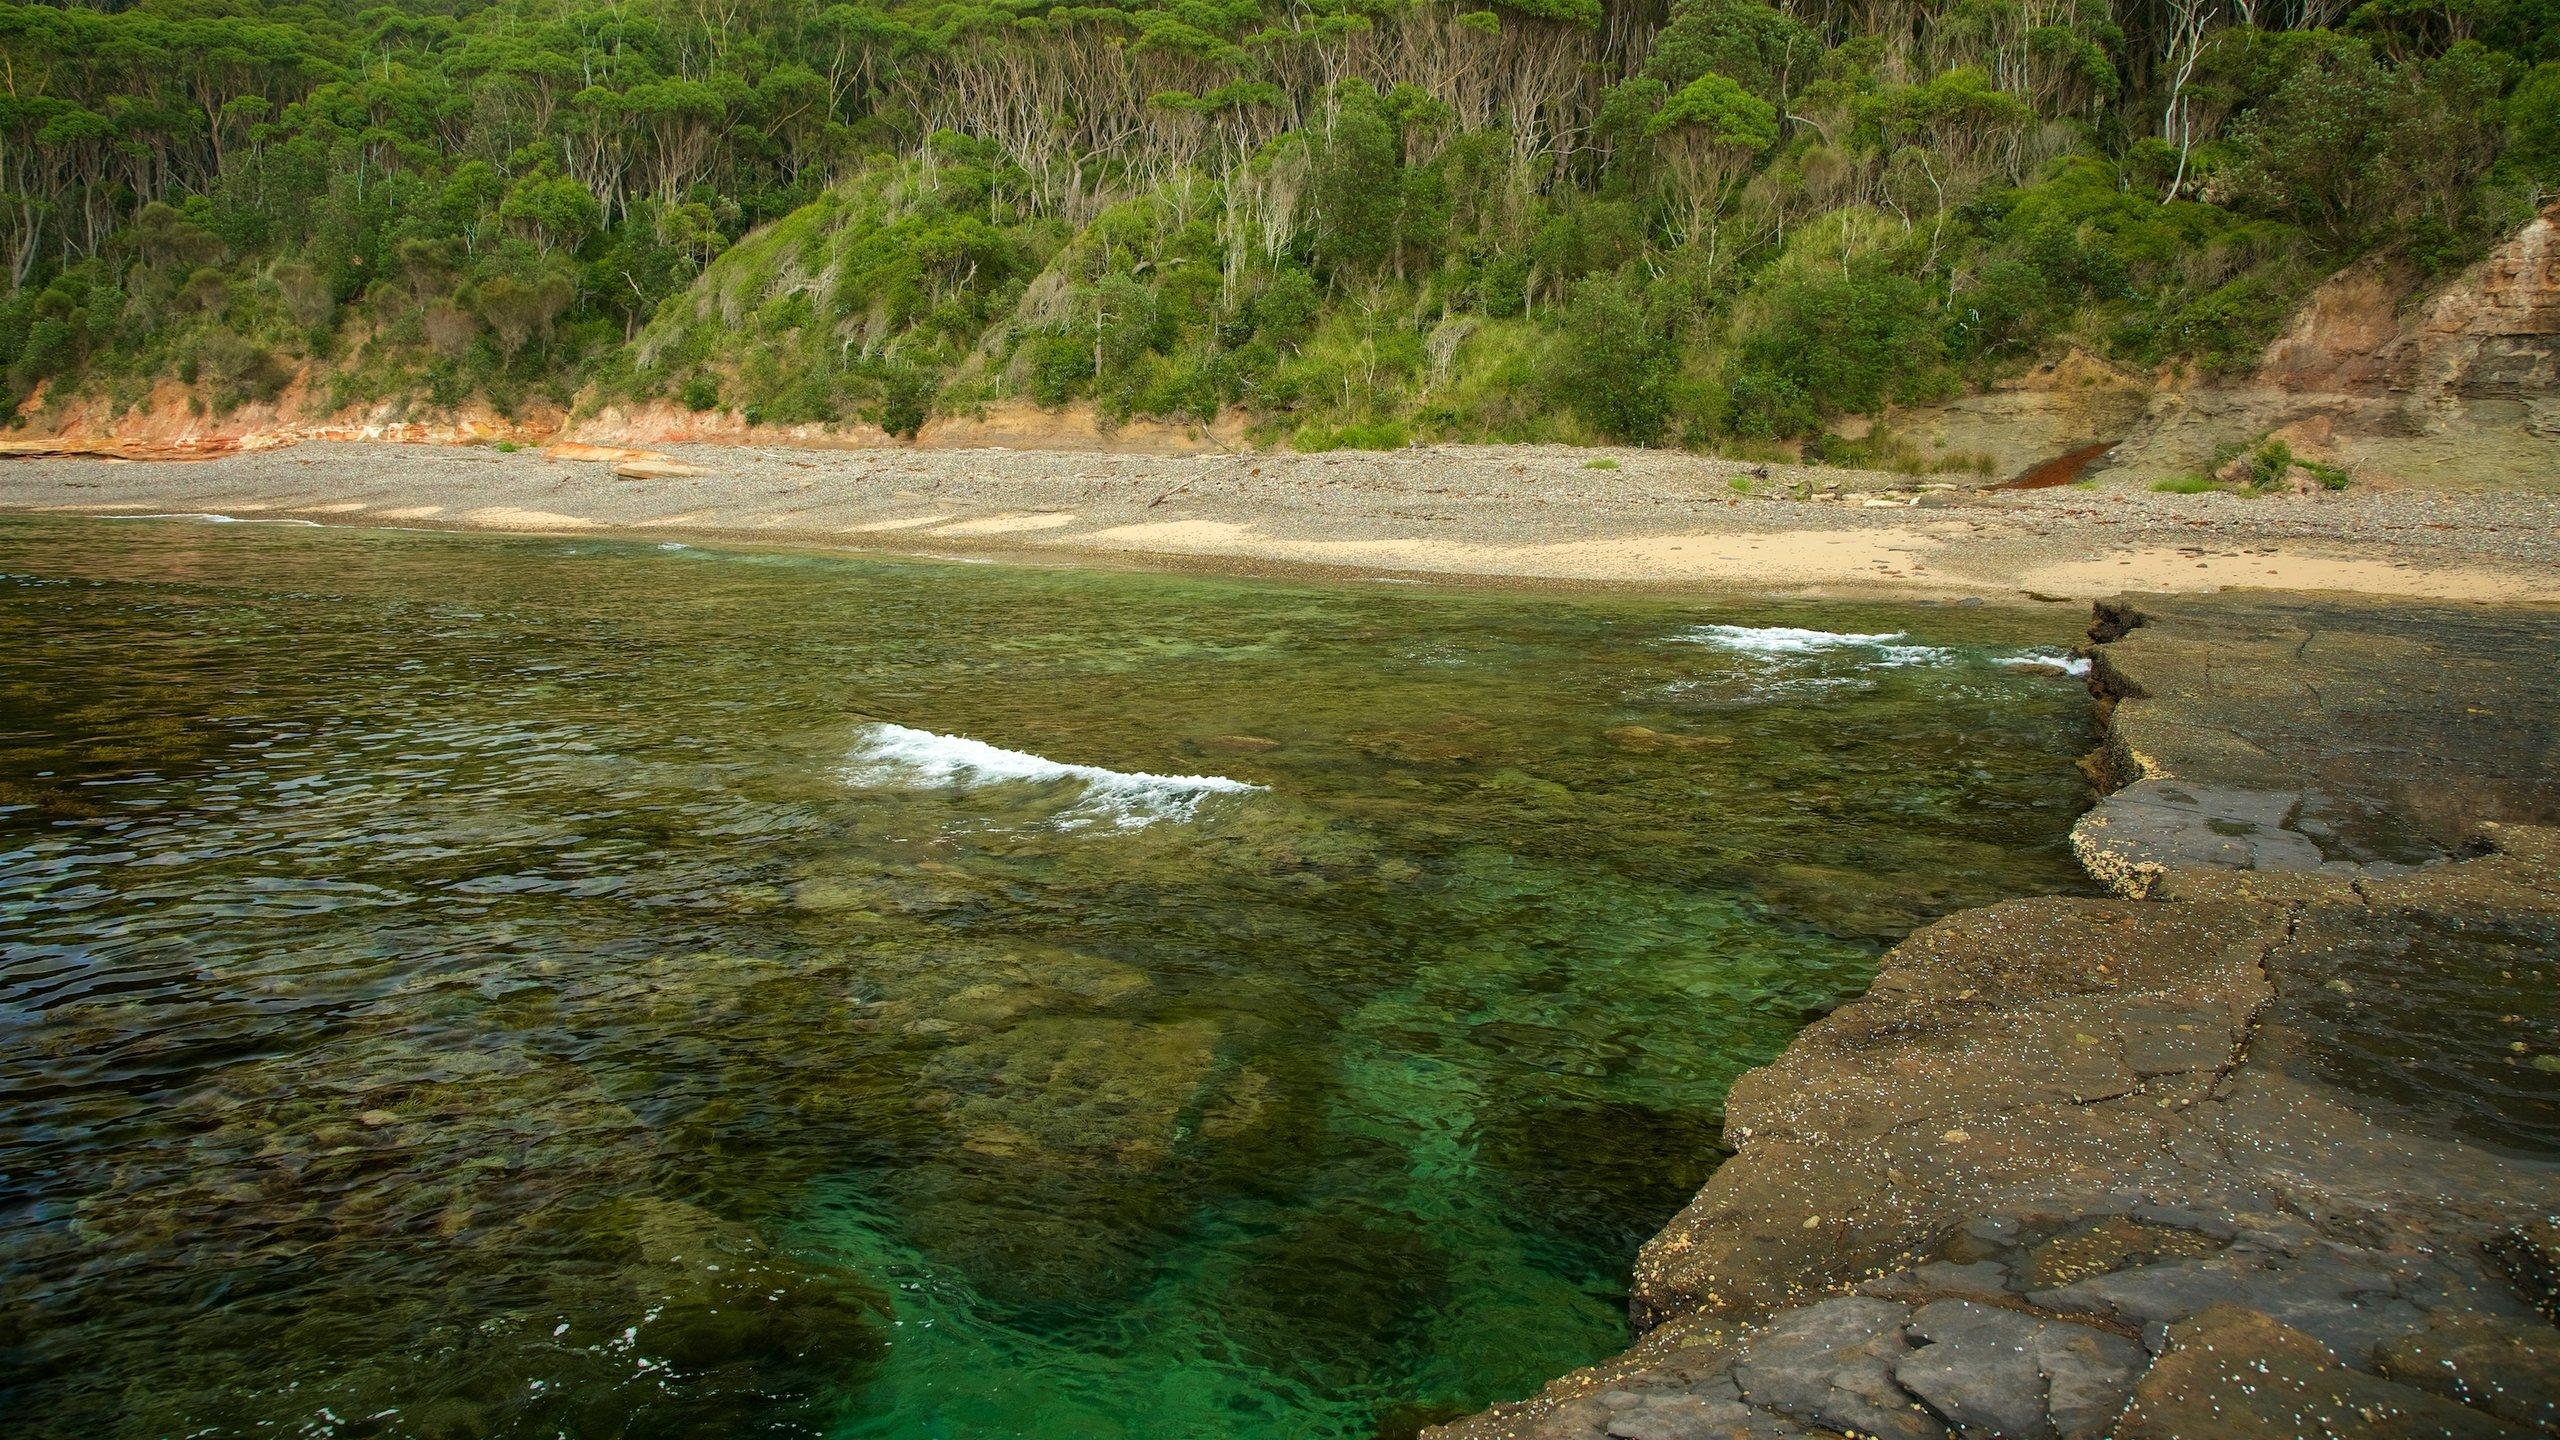 Pebbly Beach, Pebbly Beach, New South Wales, Australia